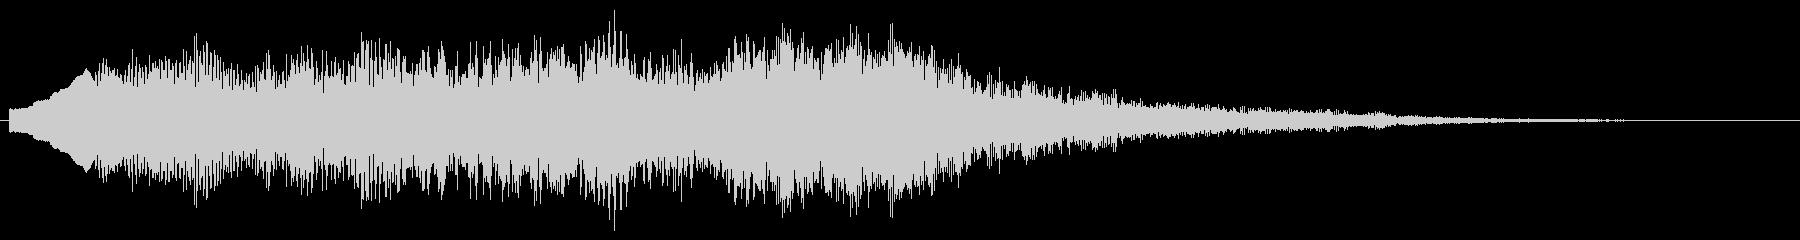 優しい音 柔らかい音のサウンドロゴ Bの未再生の波形